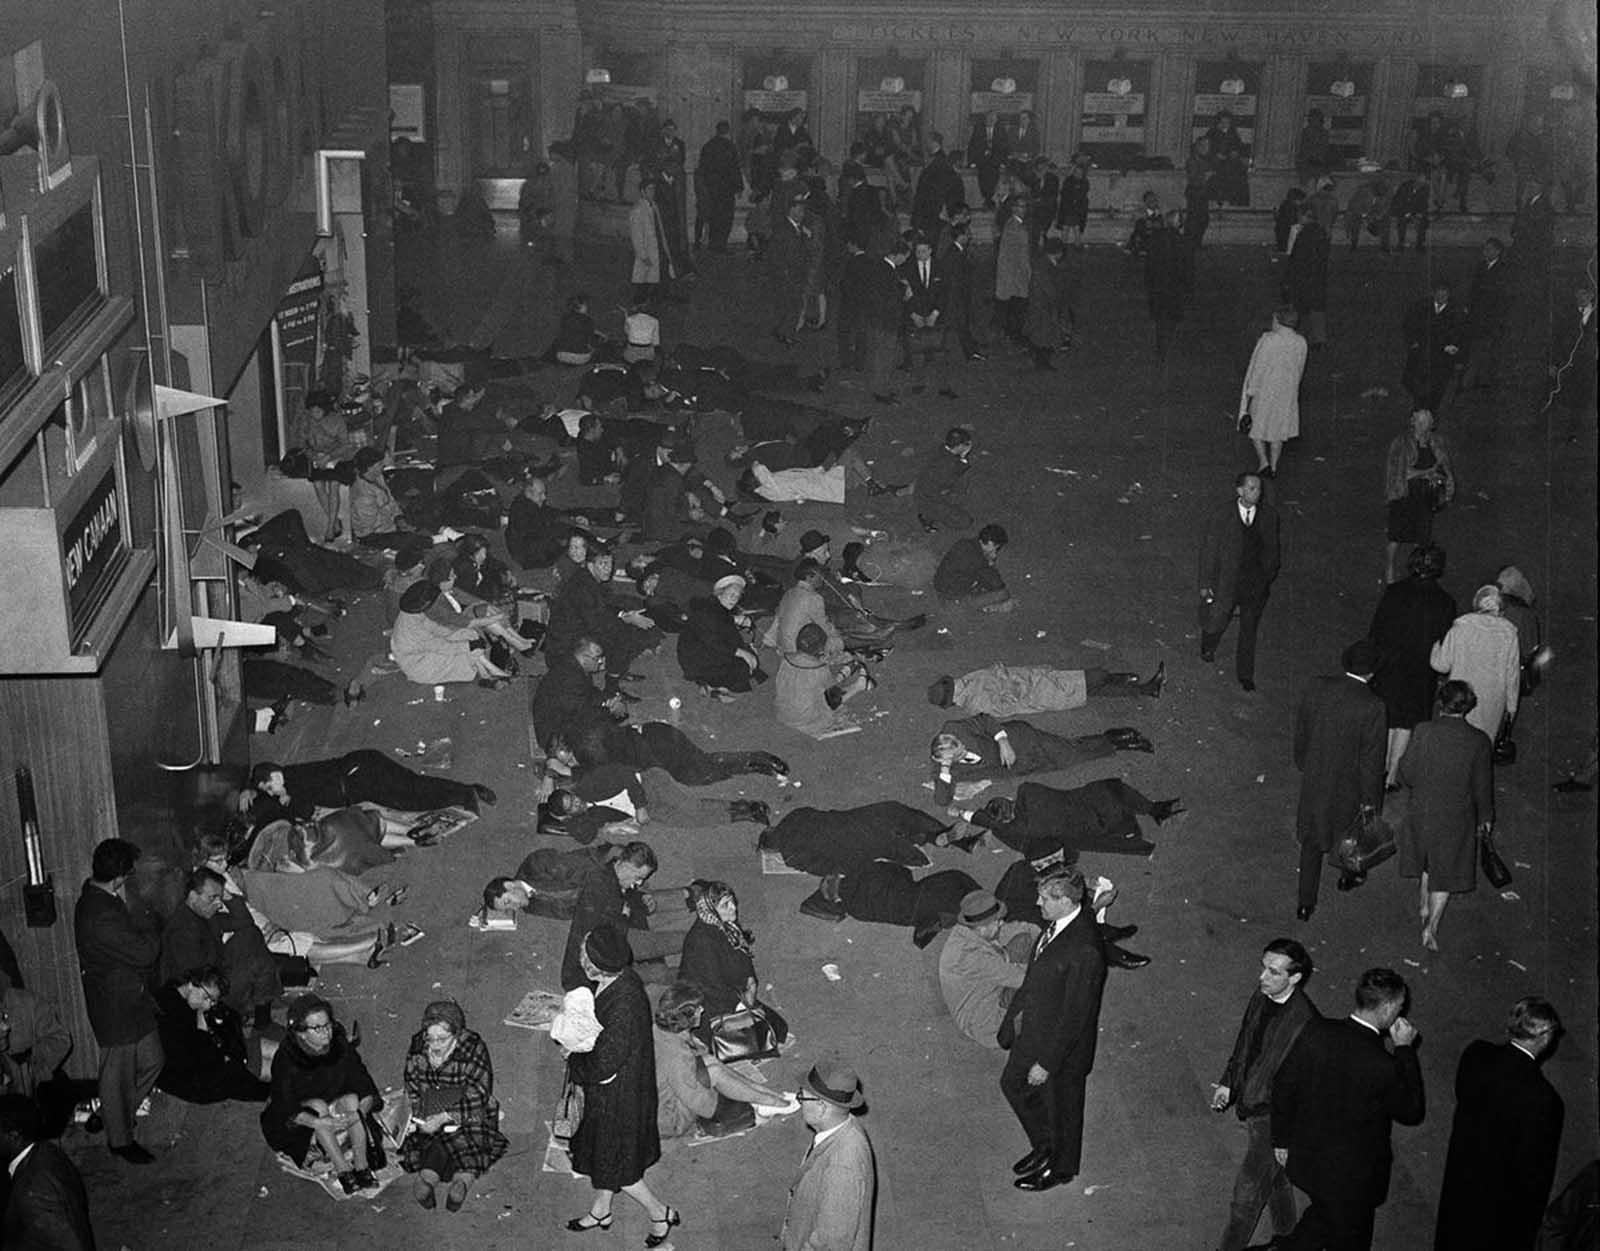 La gente duerme sentada y recostada en la sala de espera principal de Grand Central Terminal en Nueva York, durante una falla eléctrica general, el 9 de noviembre de 1965. El área está iluminada con luz de emergencia. El apagón afectó al estado de Nueva York, la mayor parte de Nueva Inglaterra, partes de Nueva Jersey, Pennsylvania y Ontario, Canadá.